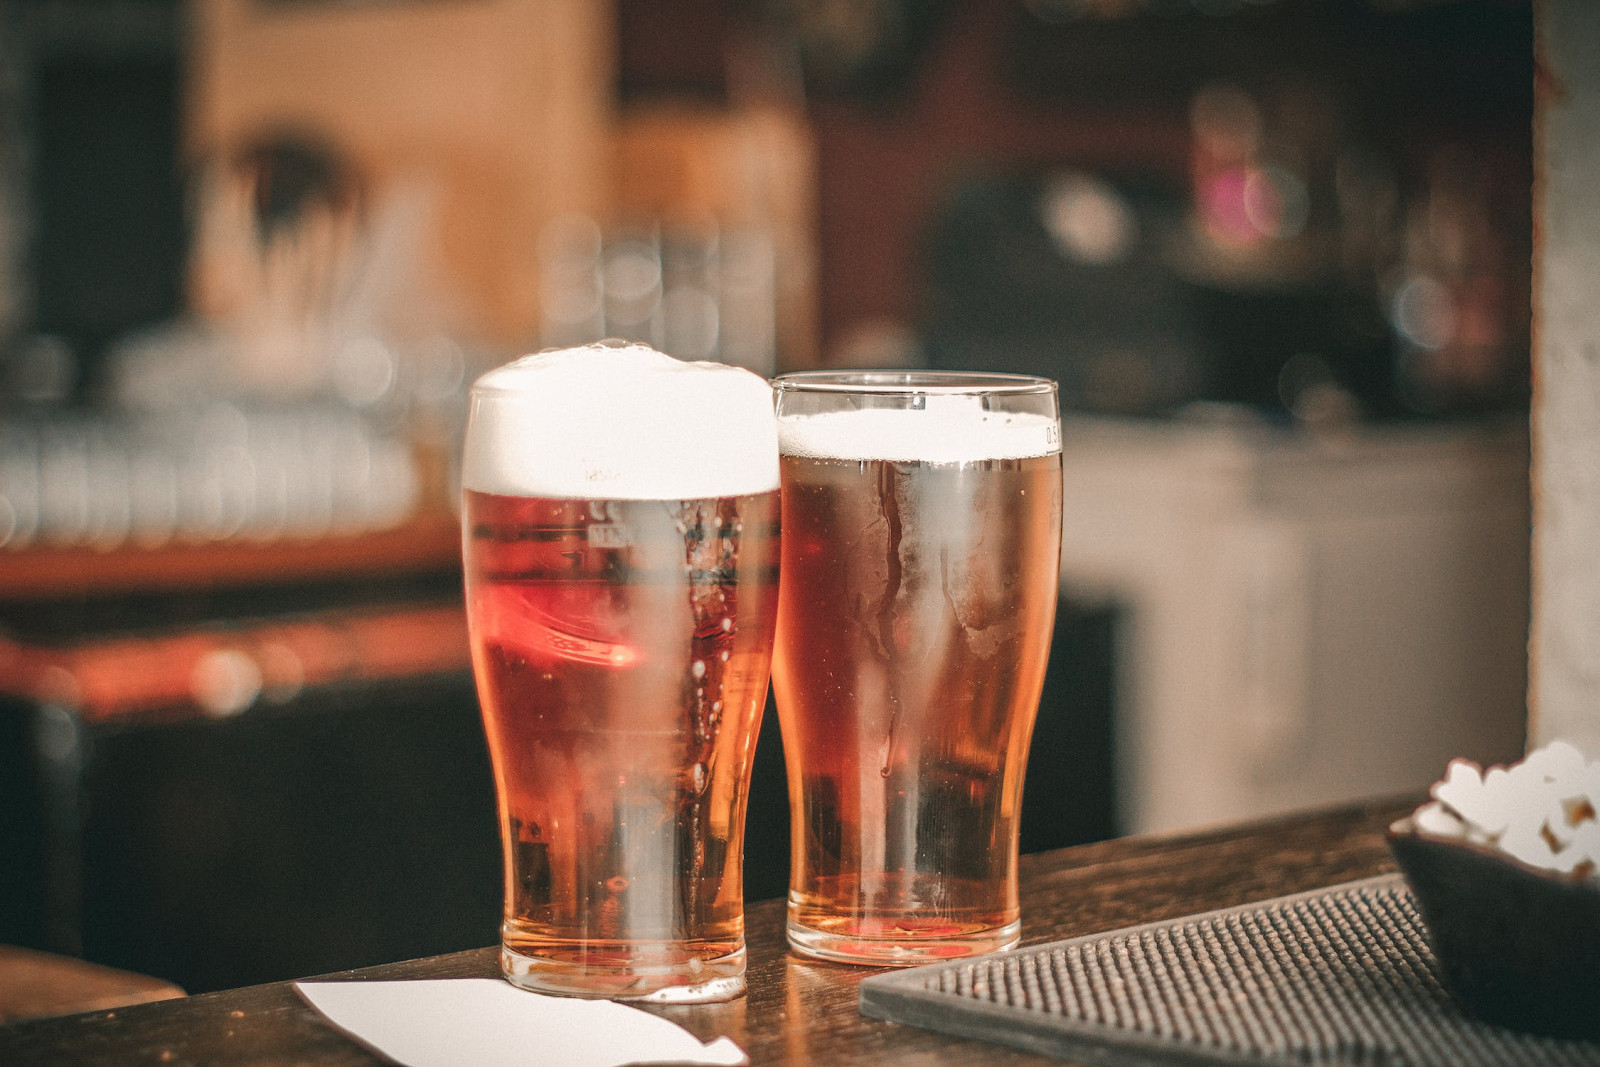 ▲啤酒,酒杯。(圖/取自免費圖庫Pexles)